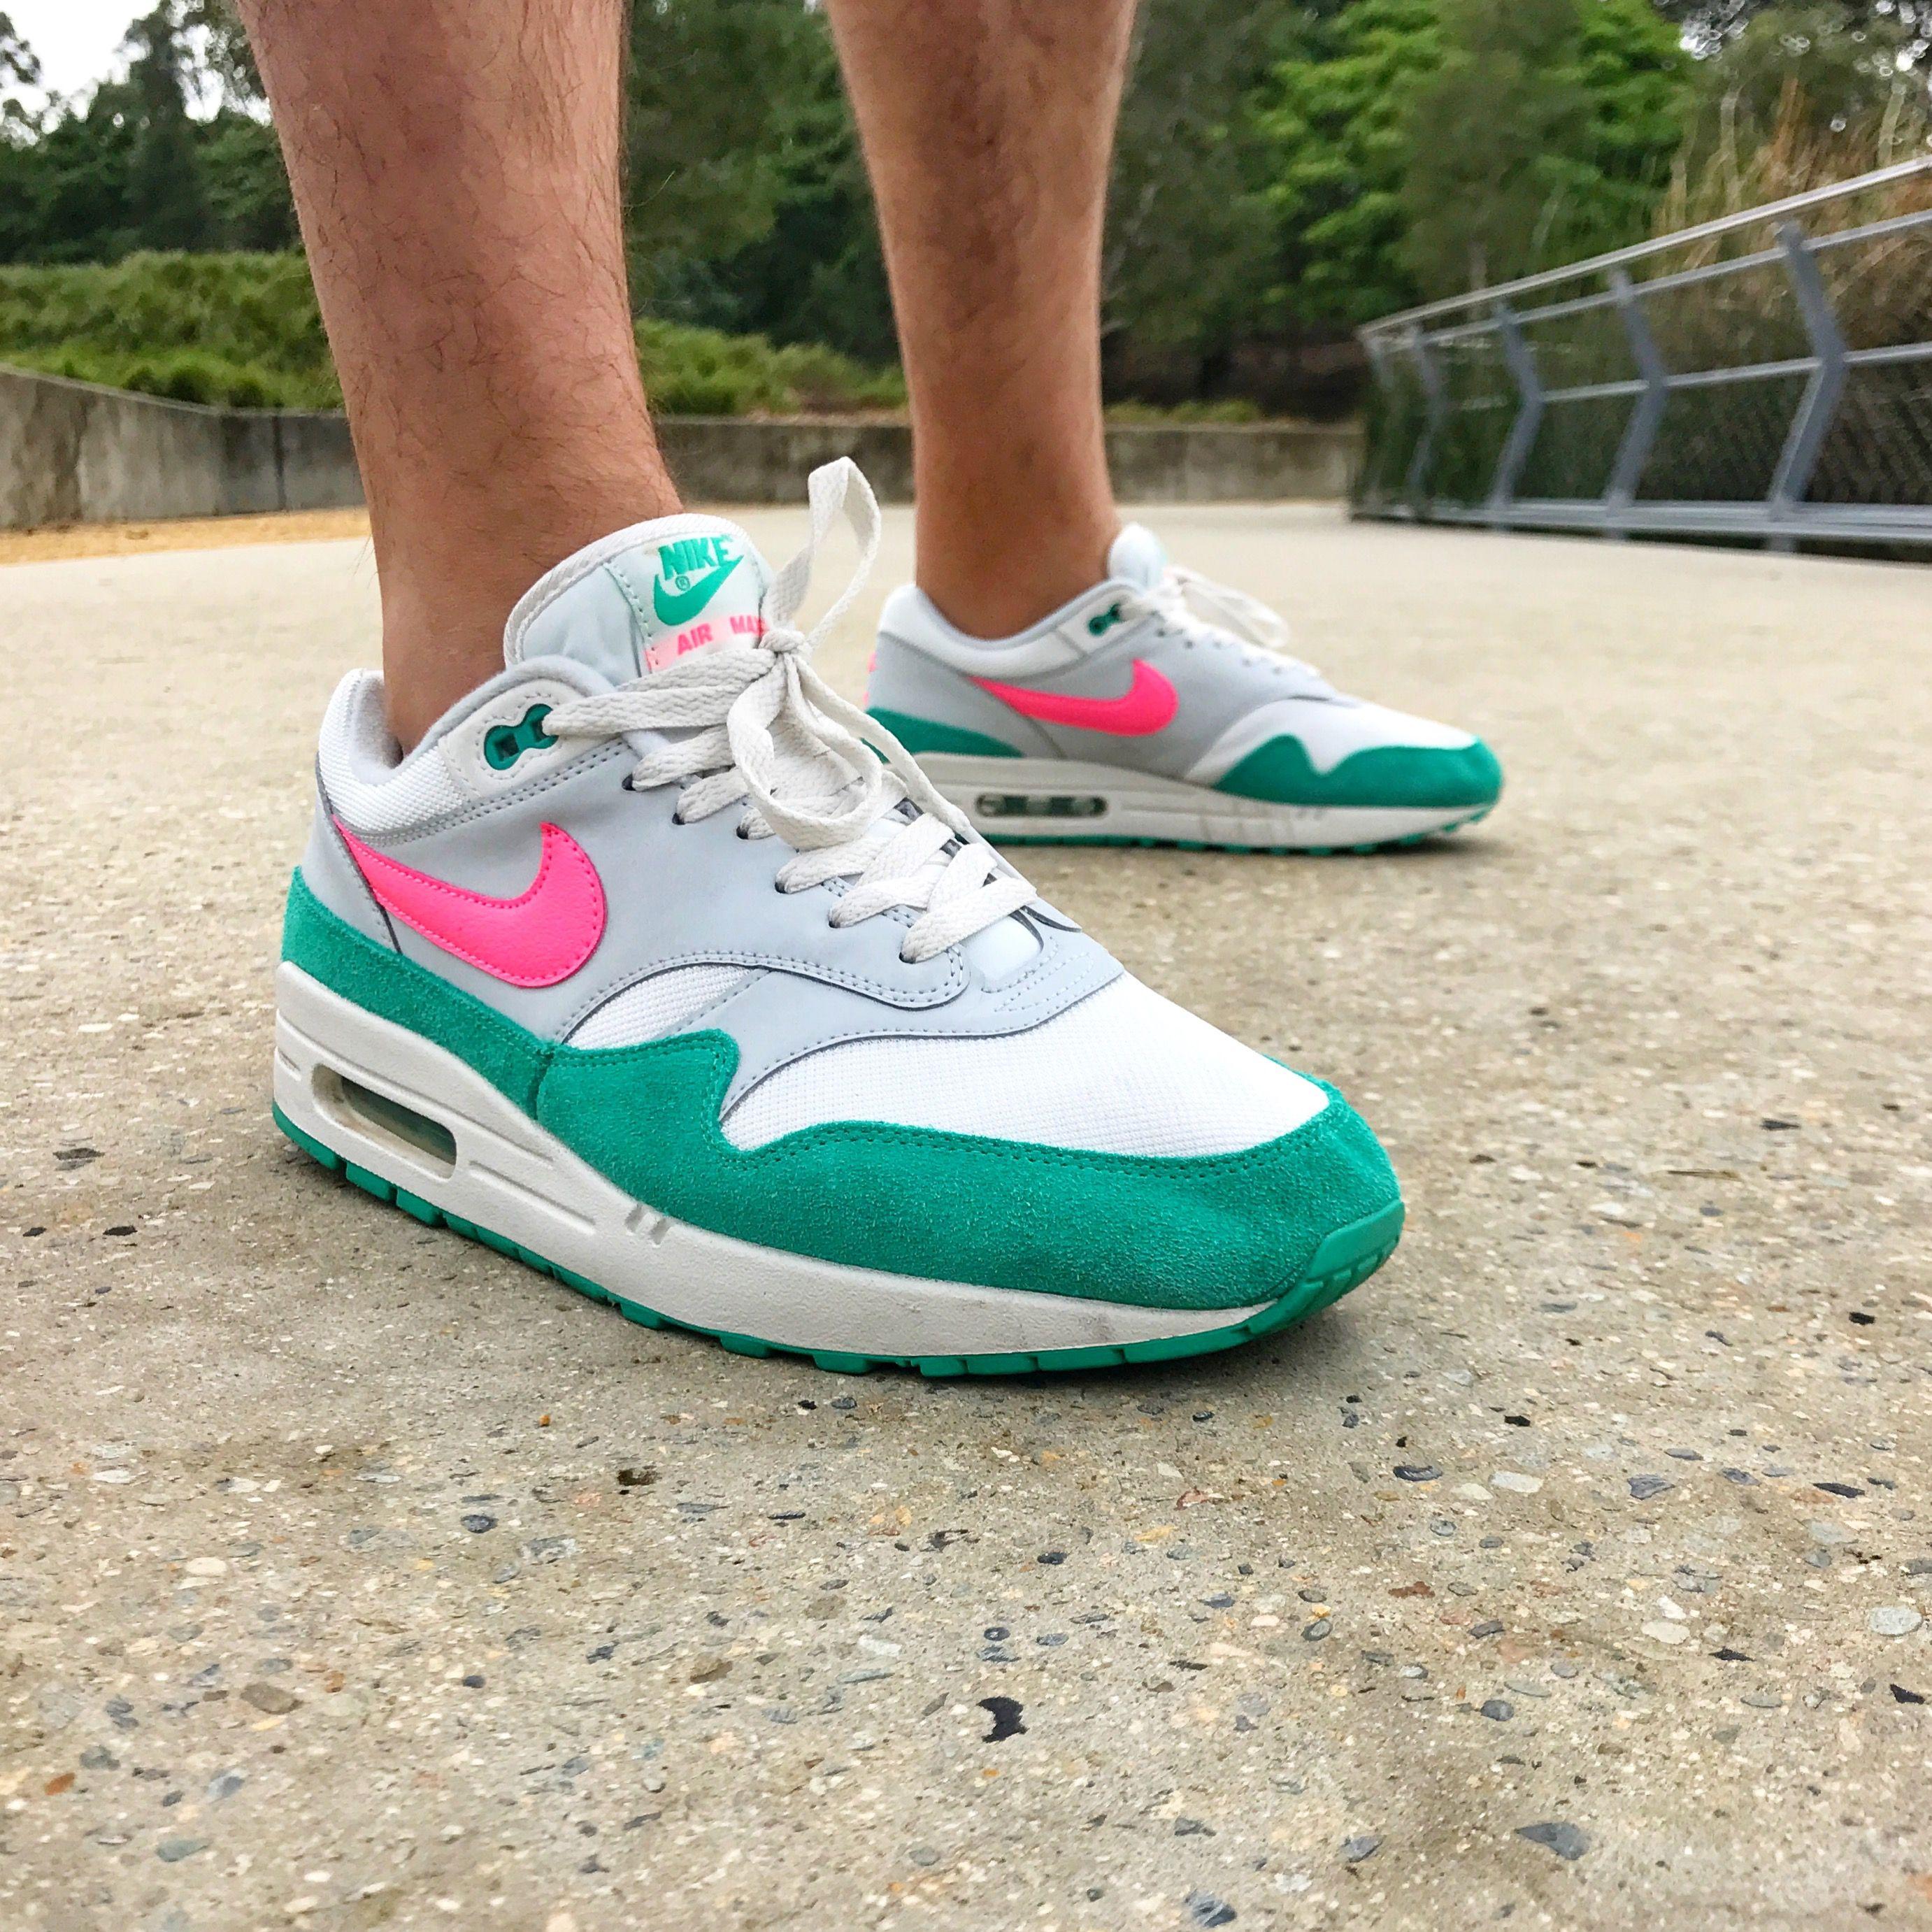 Nike Air Max 1 Watermelon